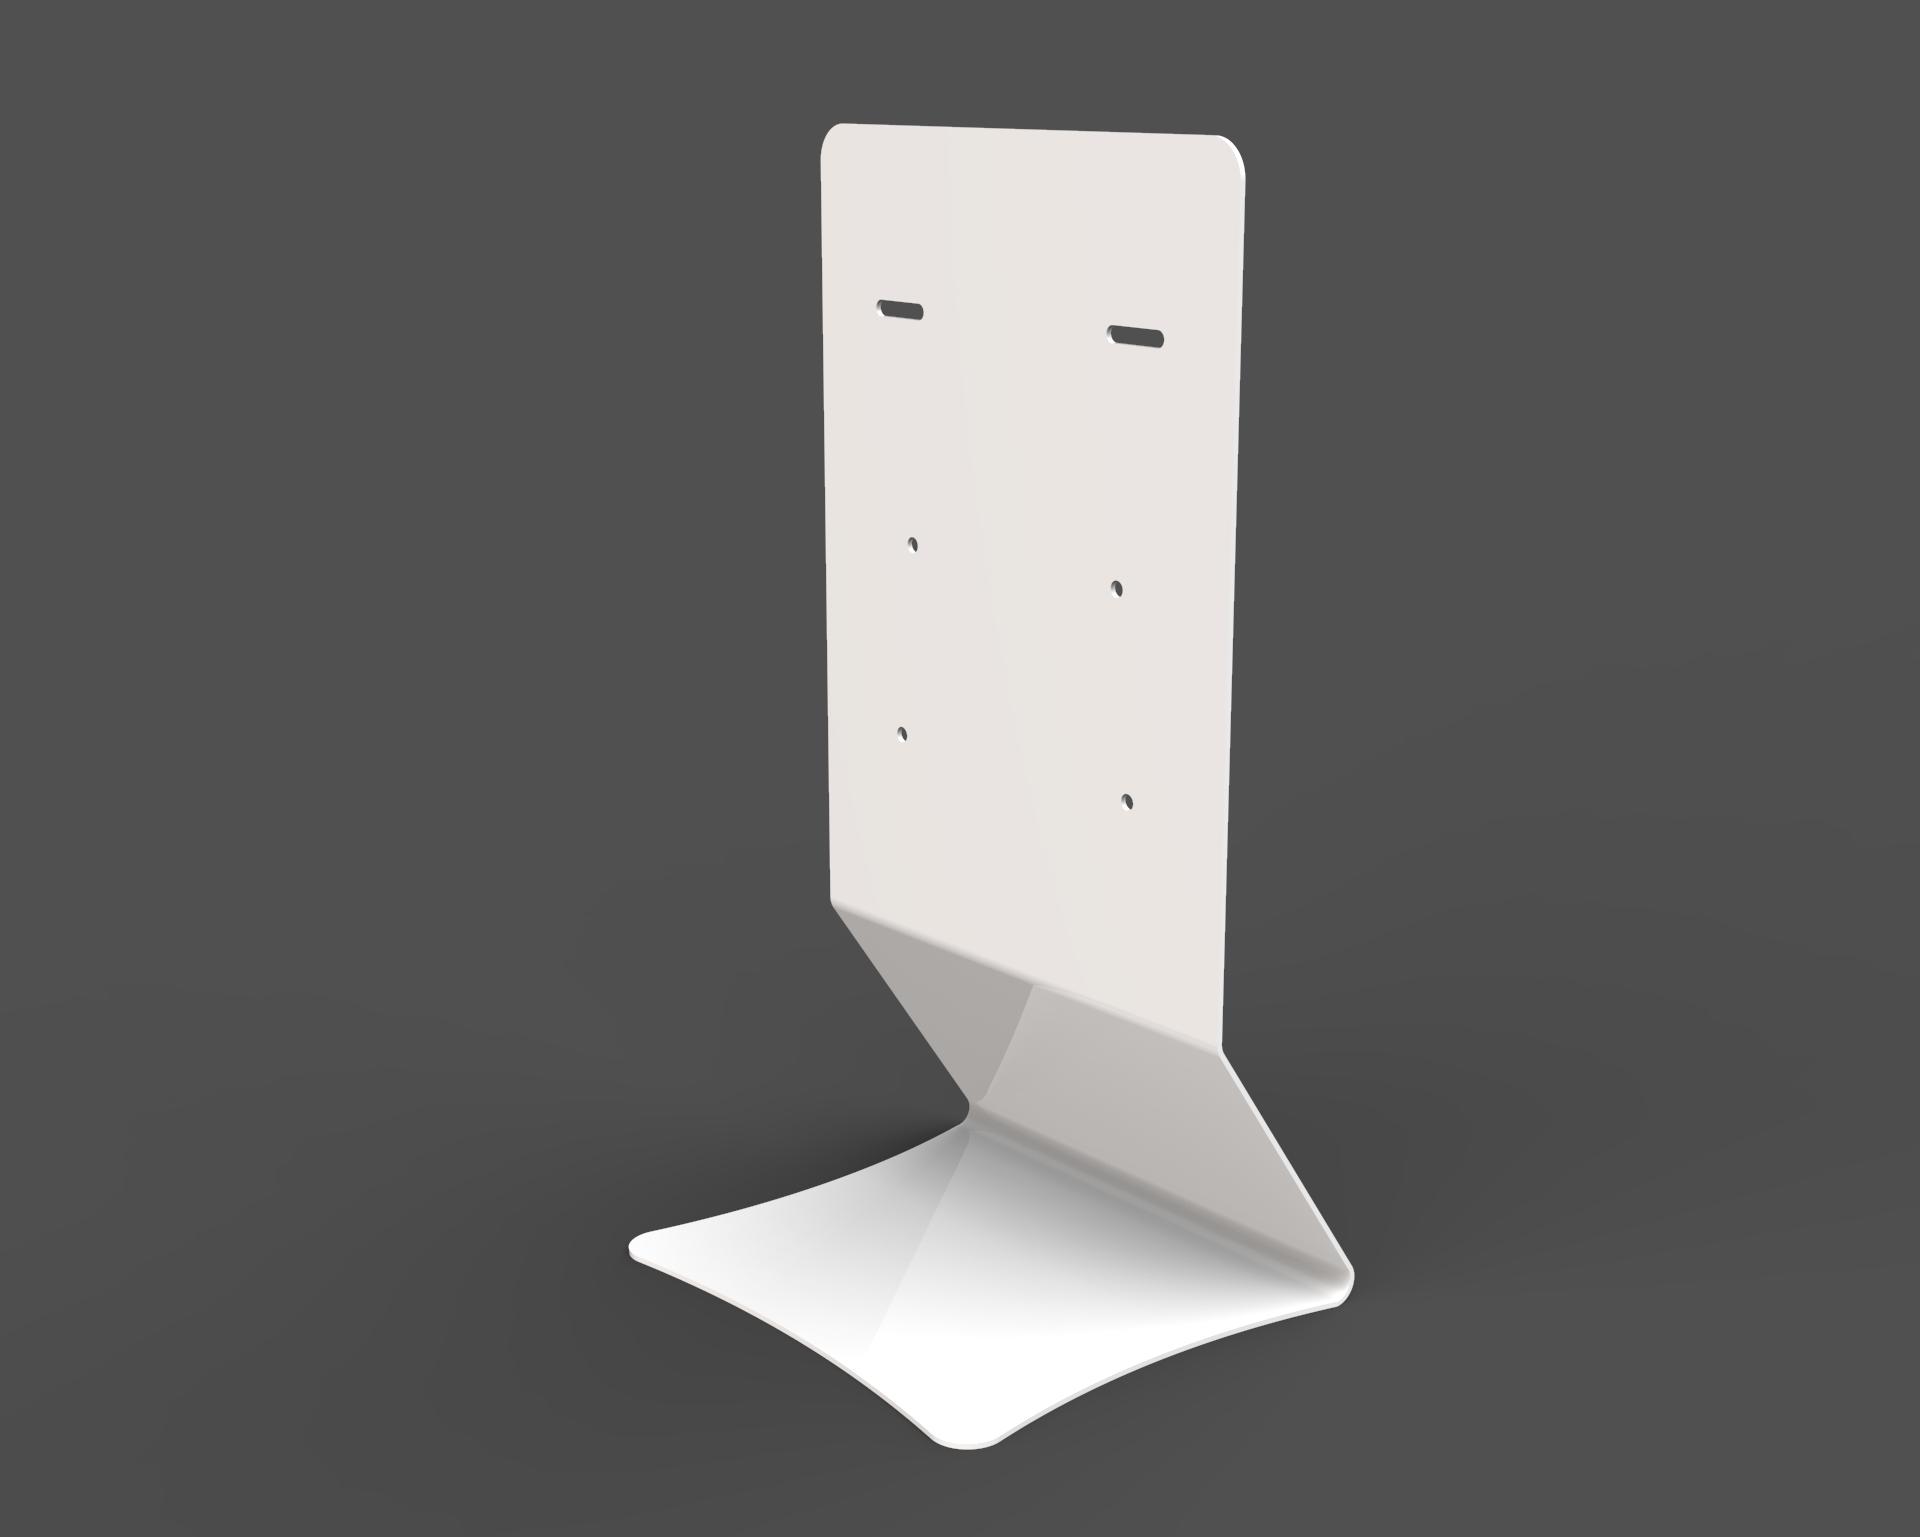 Tradeline - Desktop Hand Sanitizer Stand